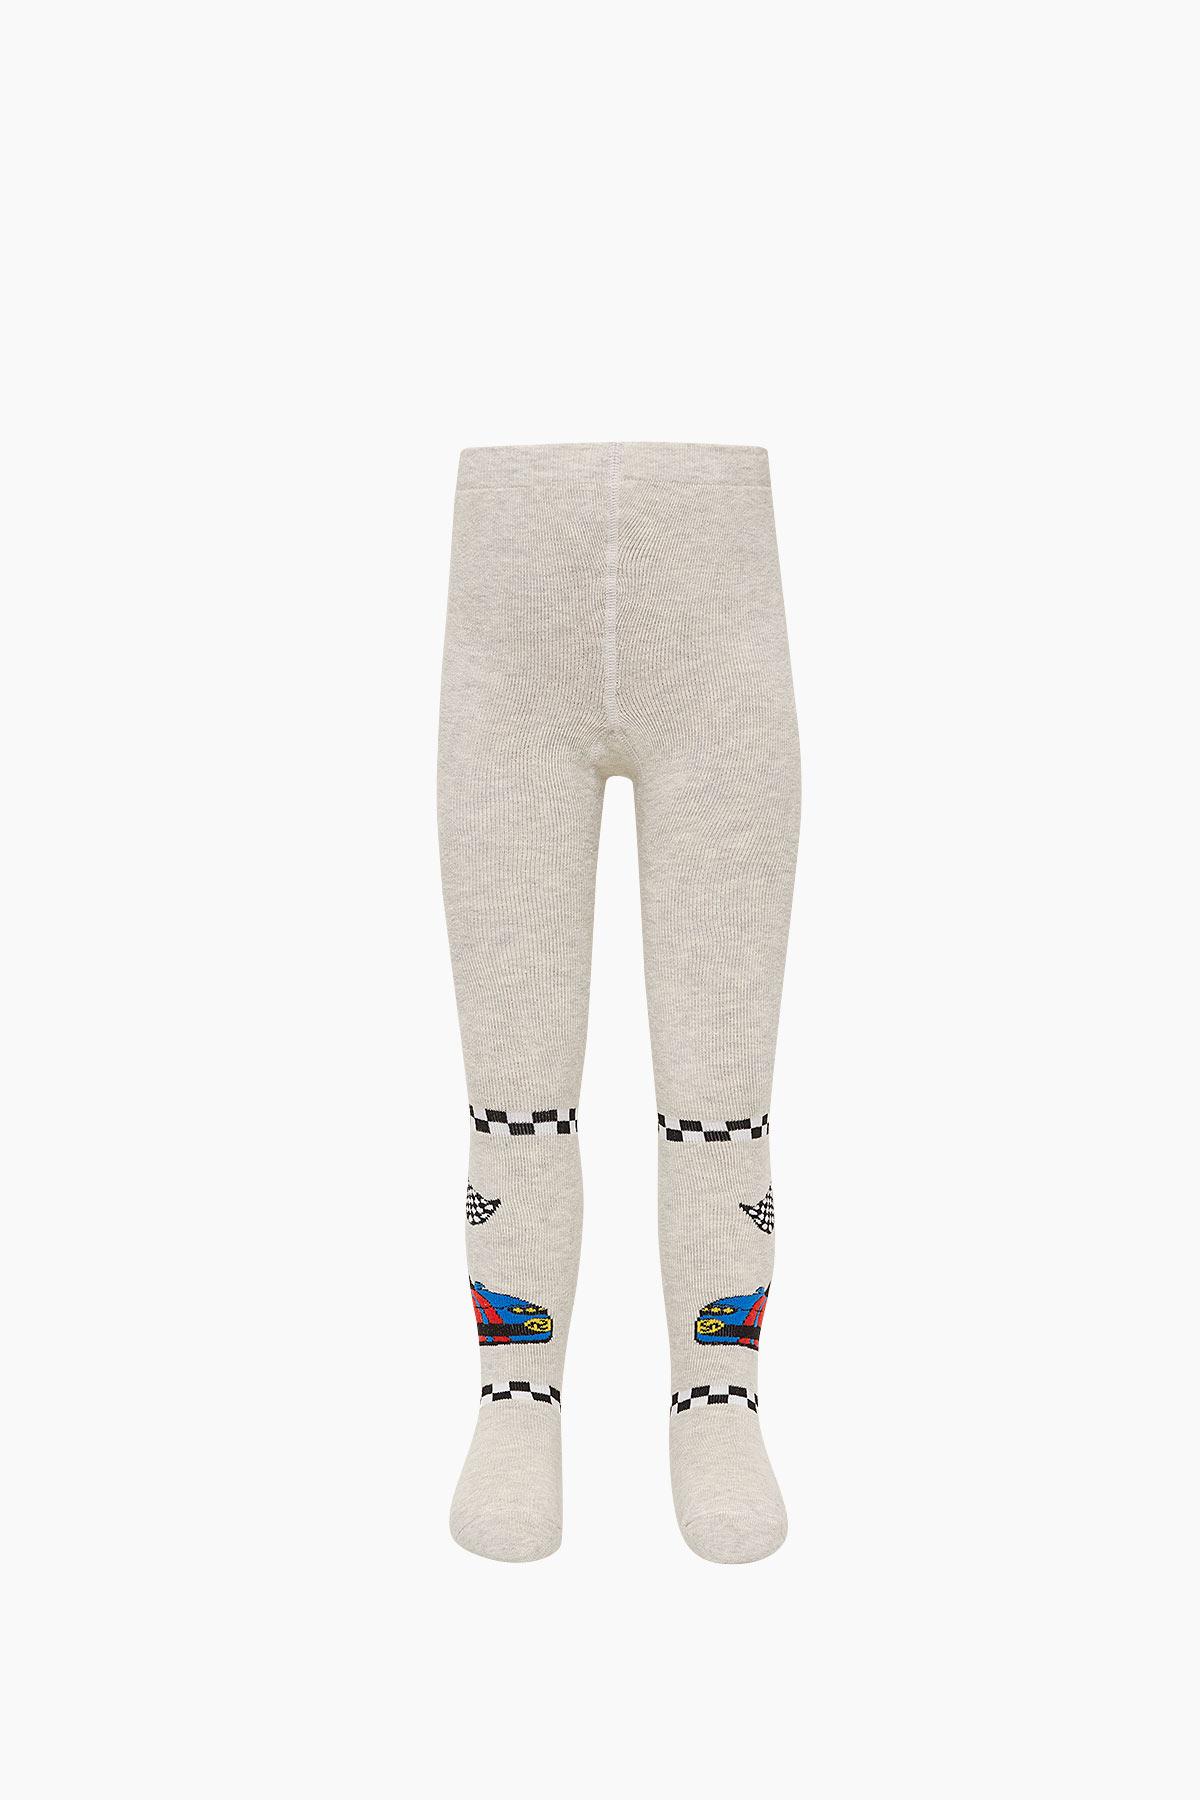 Bross Araba Desenli Havlu Külotlu Çocuk Çorabı